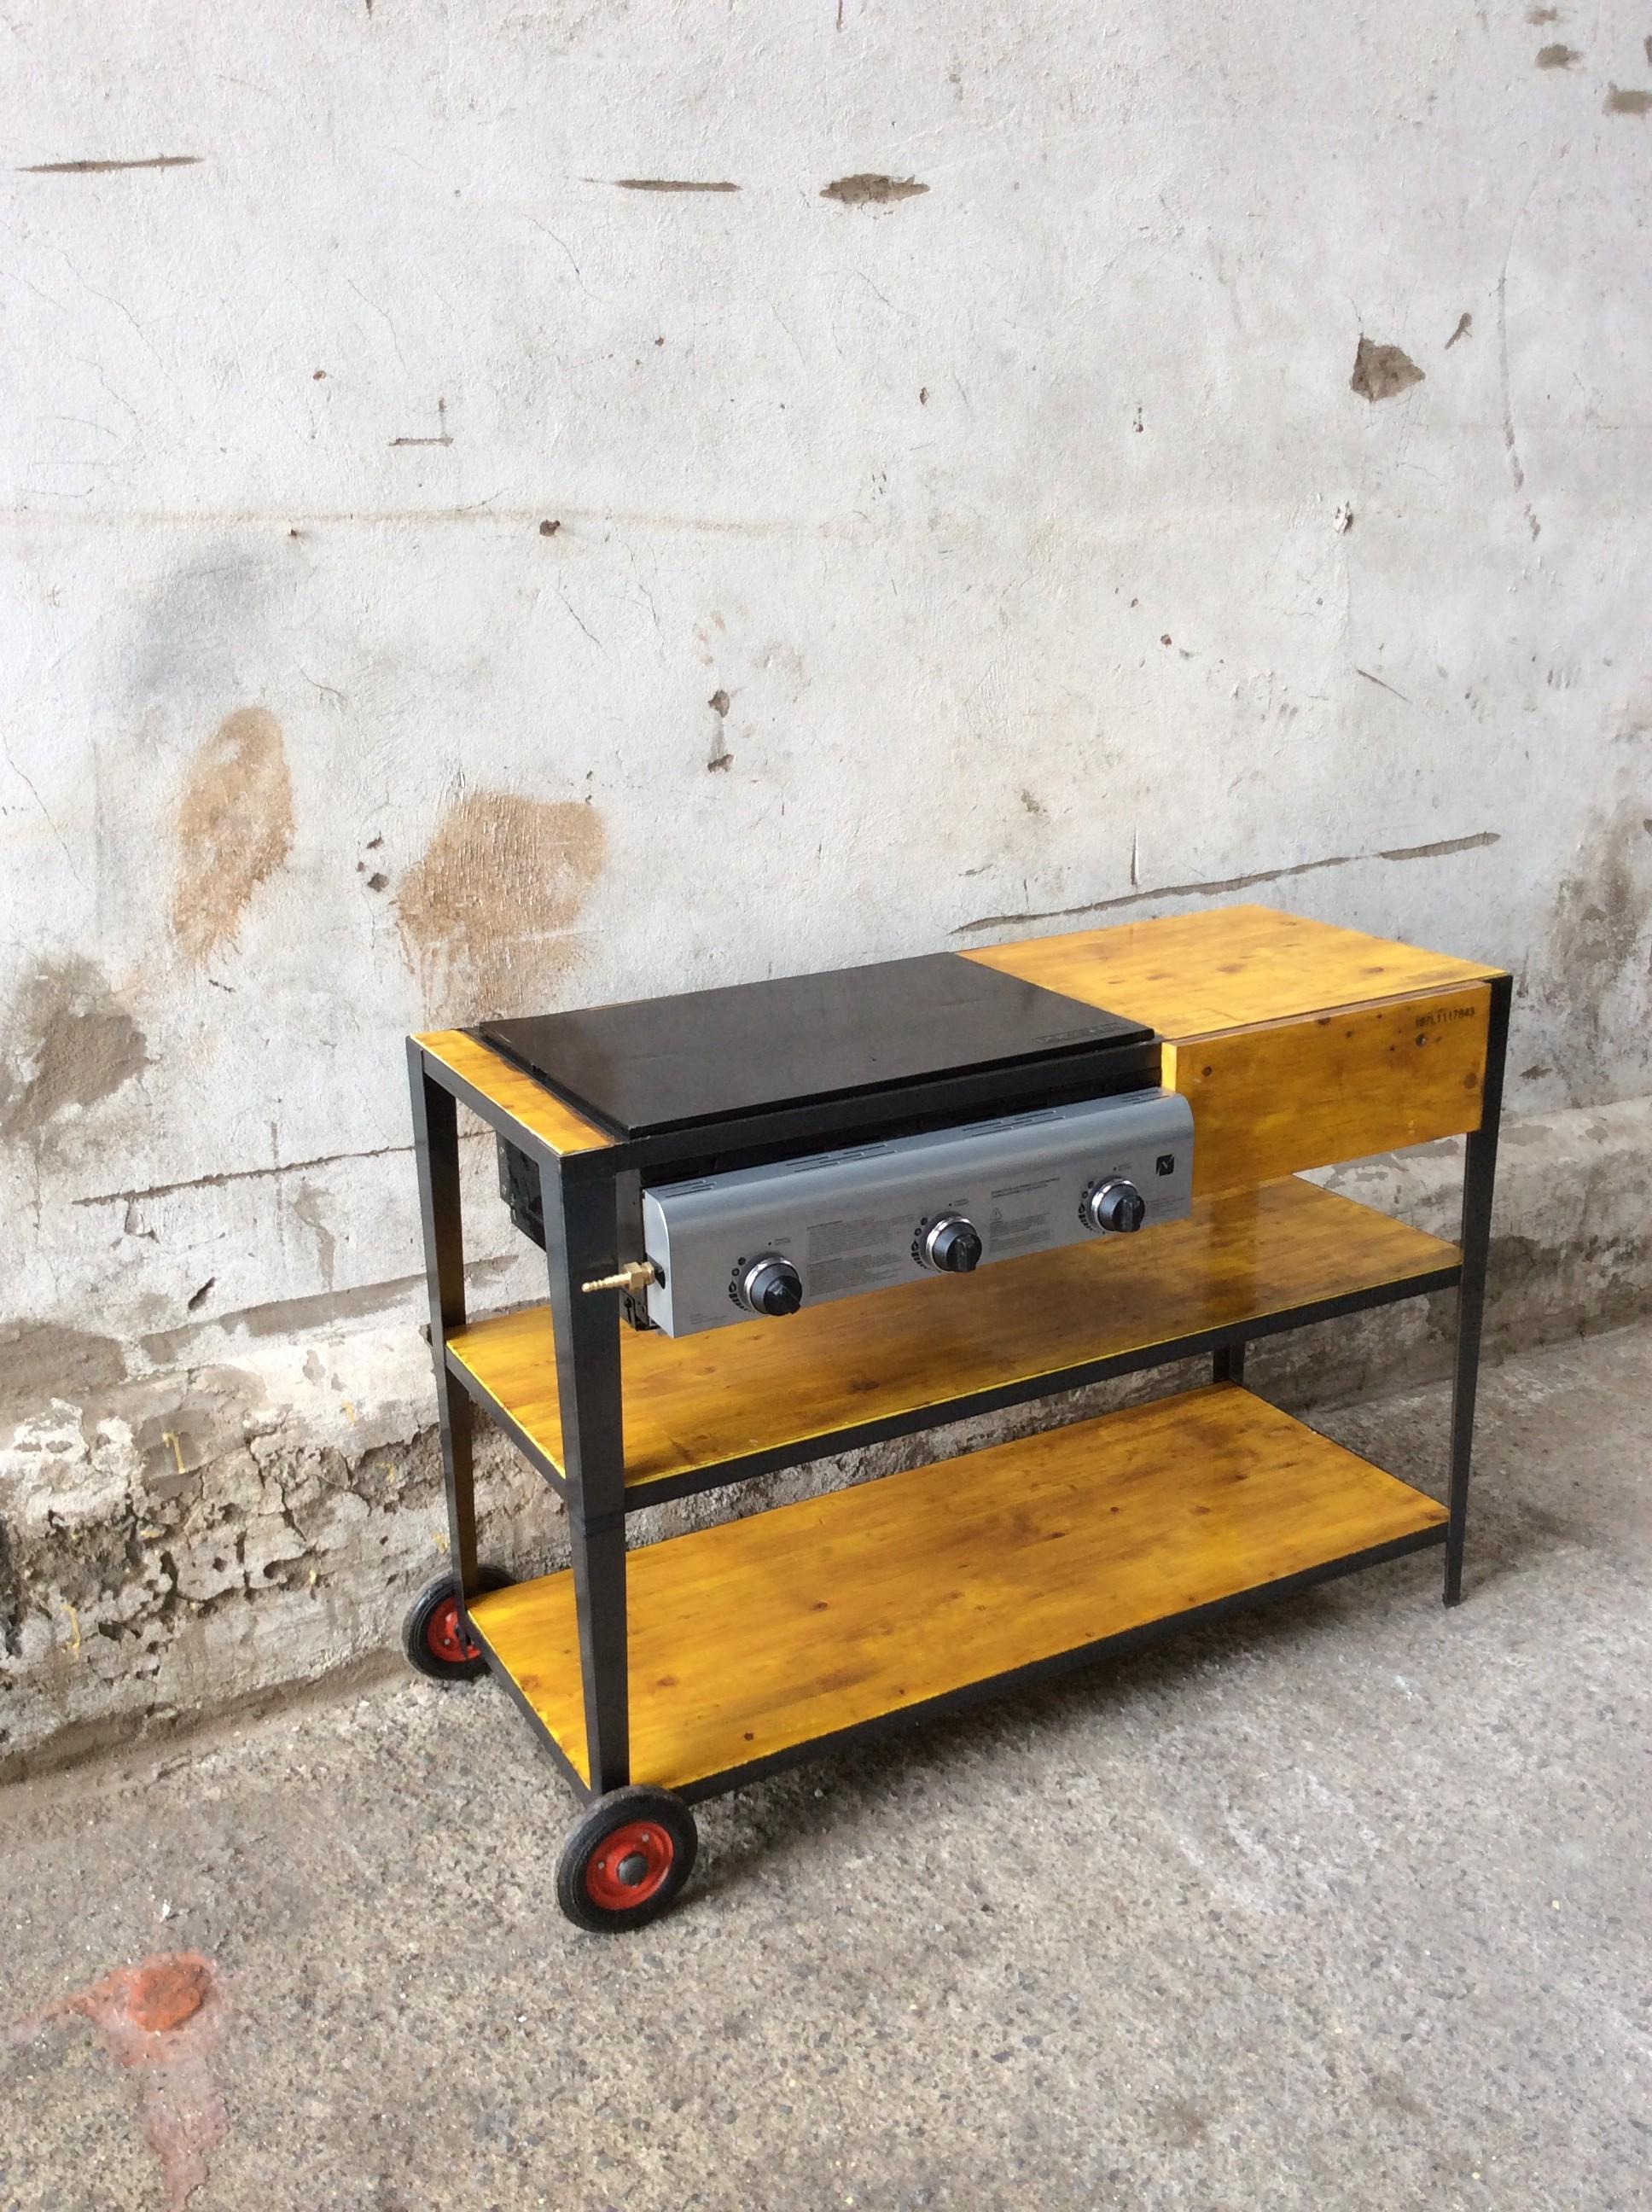 M dulos de cocina scaf polonium 209 - Modulos para cocina ...